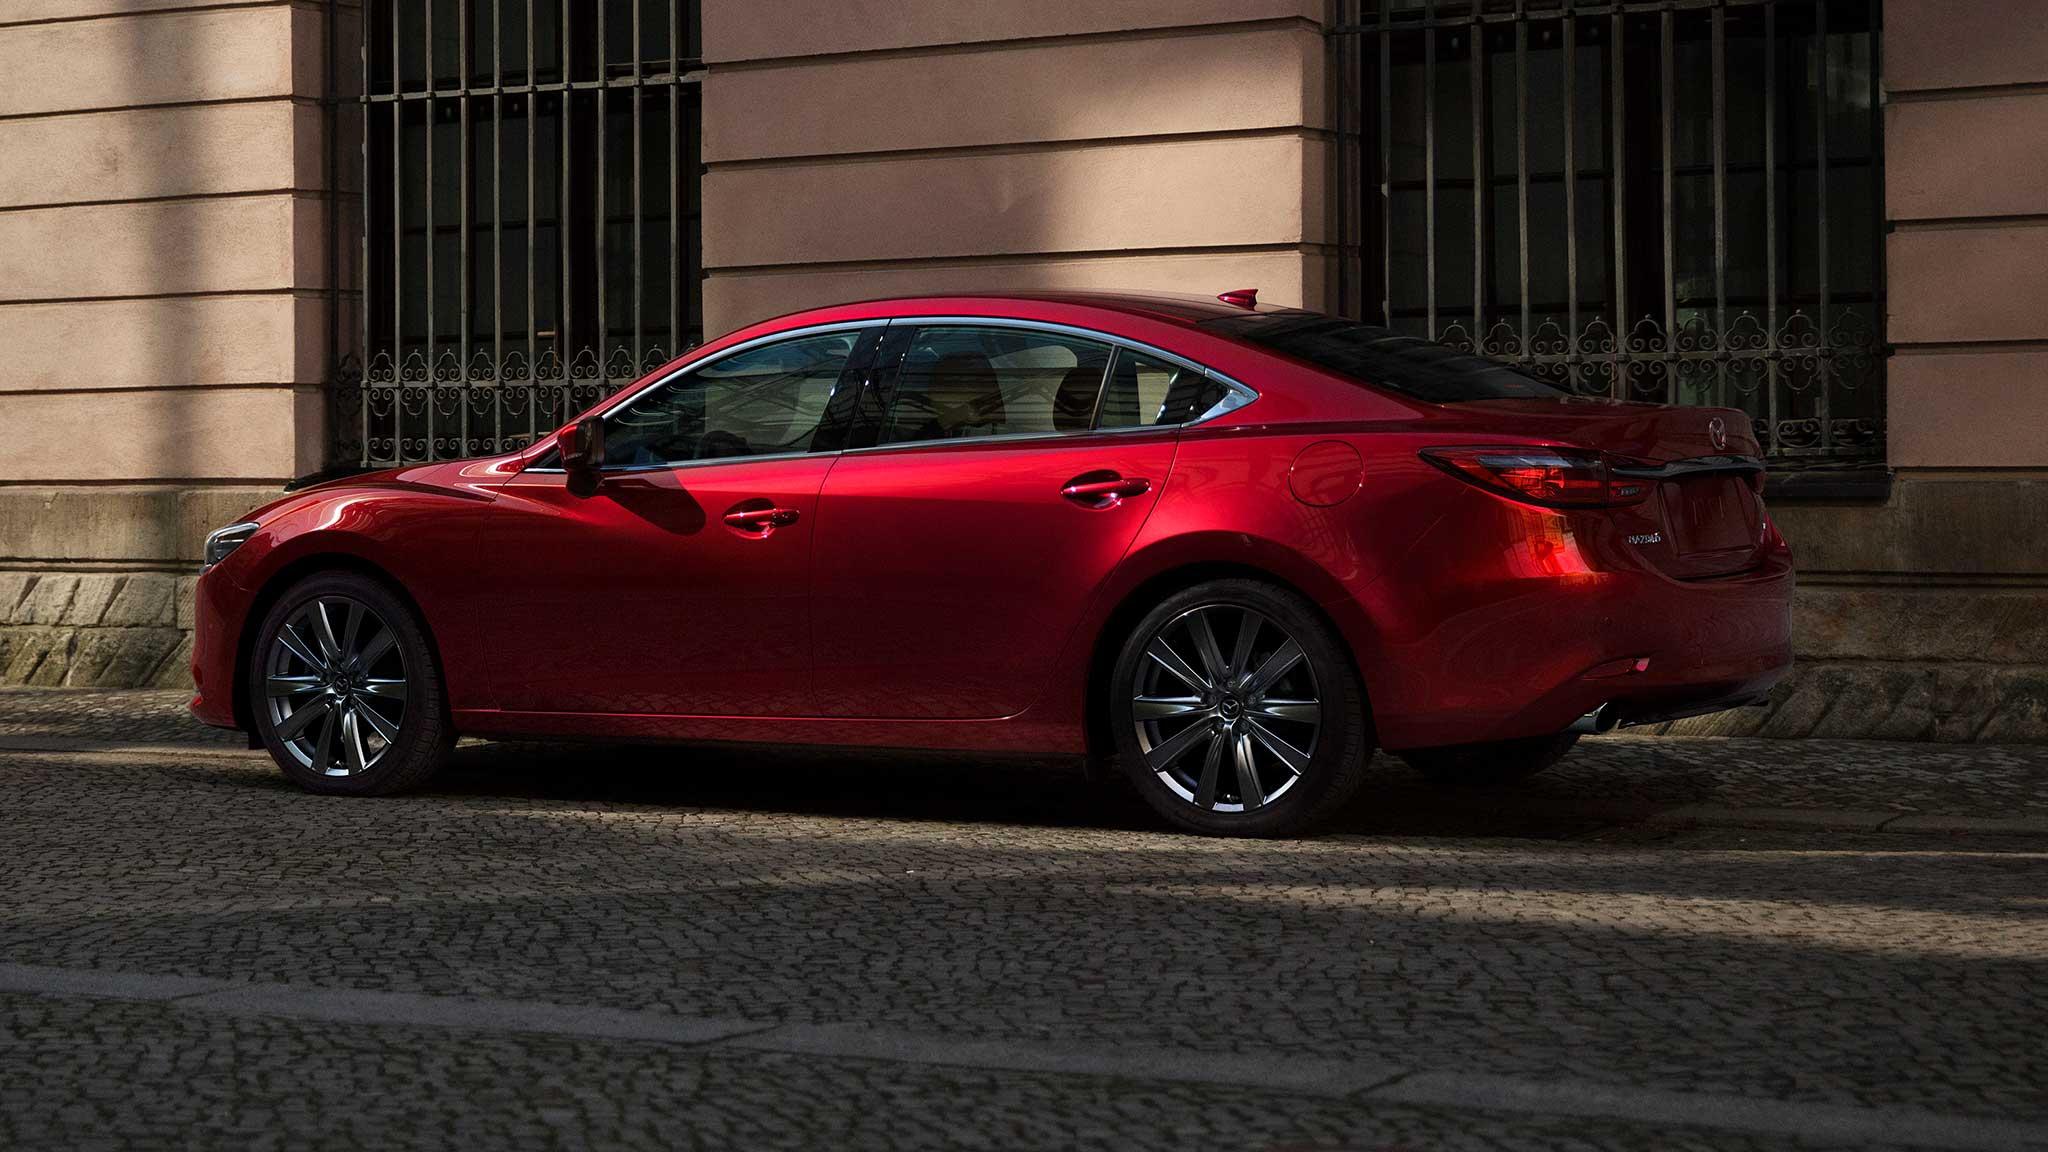 Седан Mazda 6 и кроссовер CX-3 уйдут в историю после  2021 года, Будущее Неопределенно